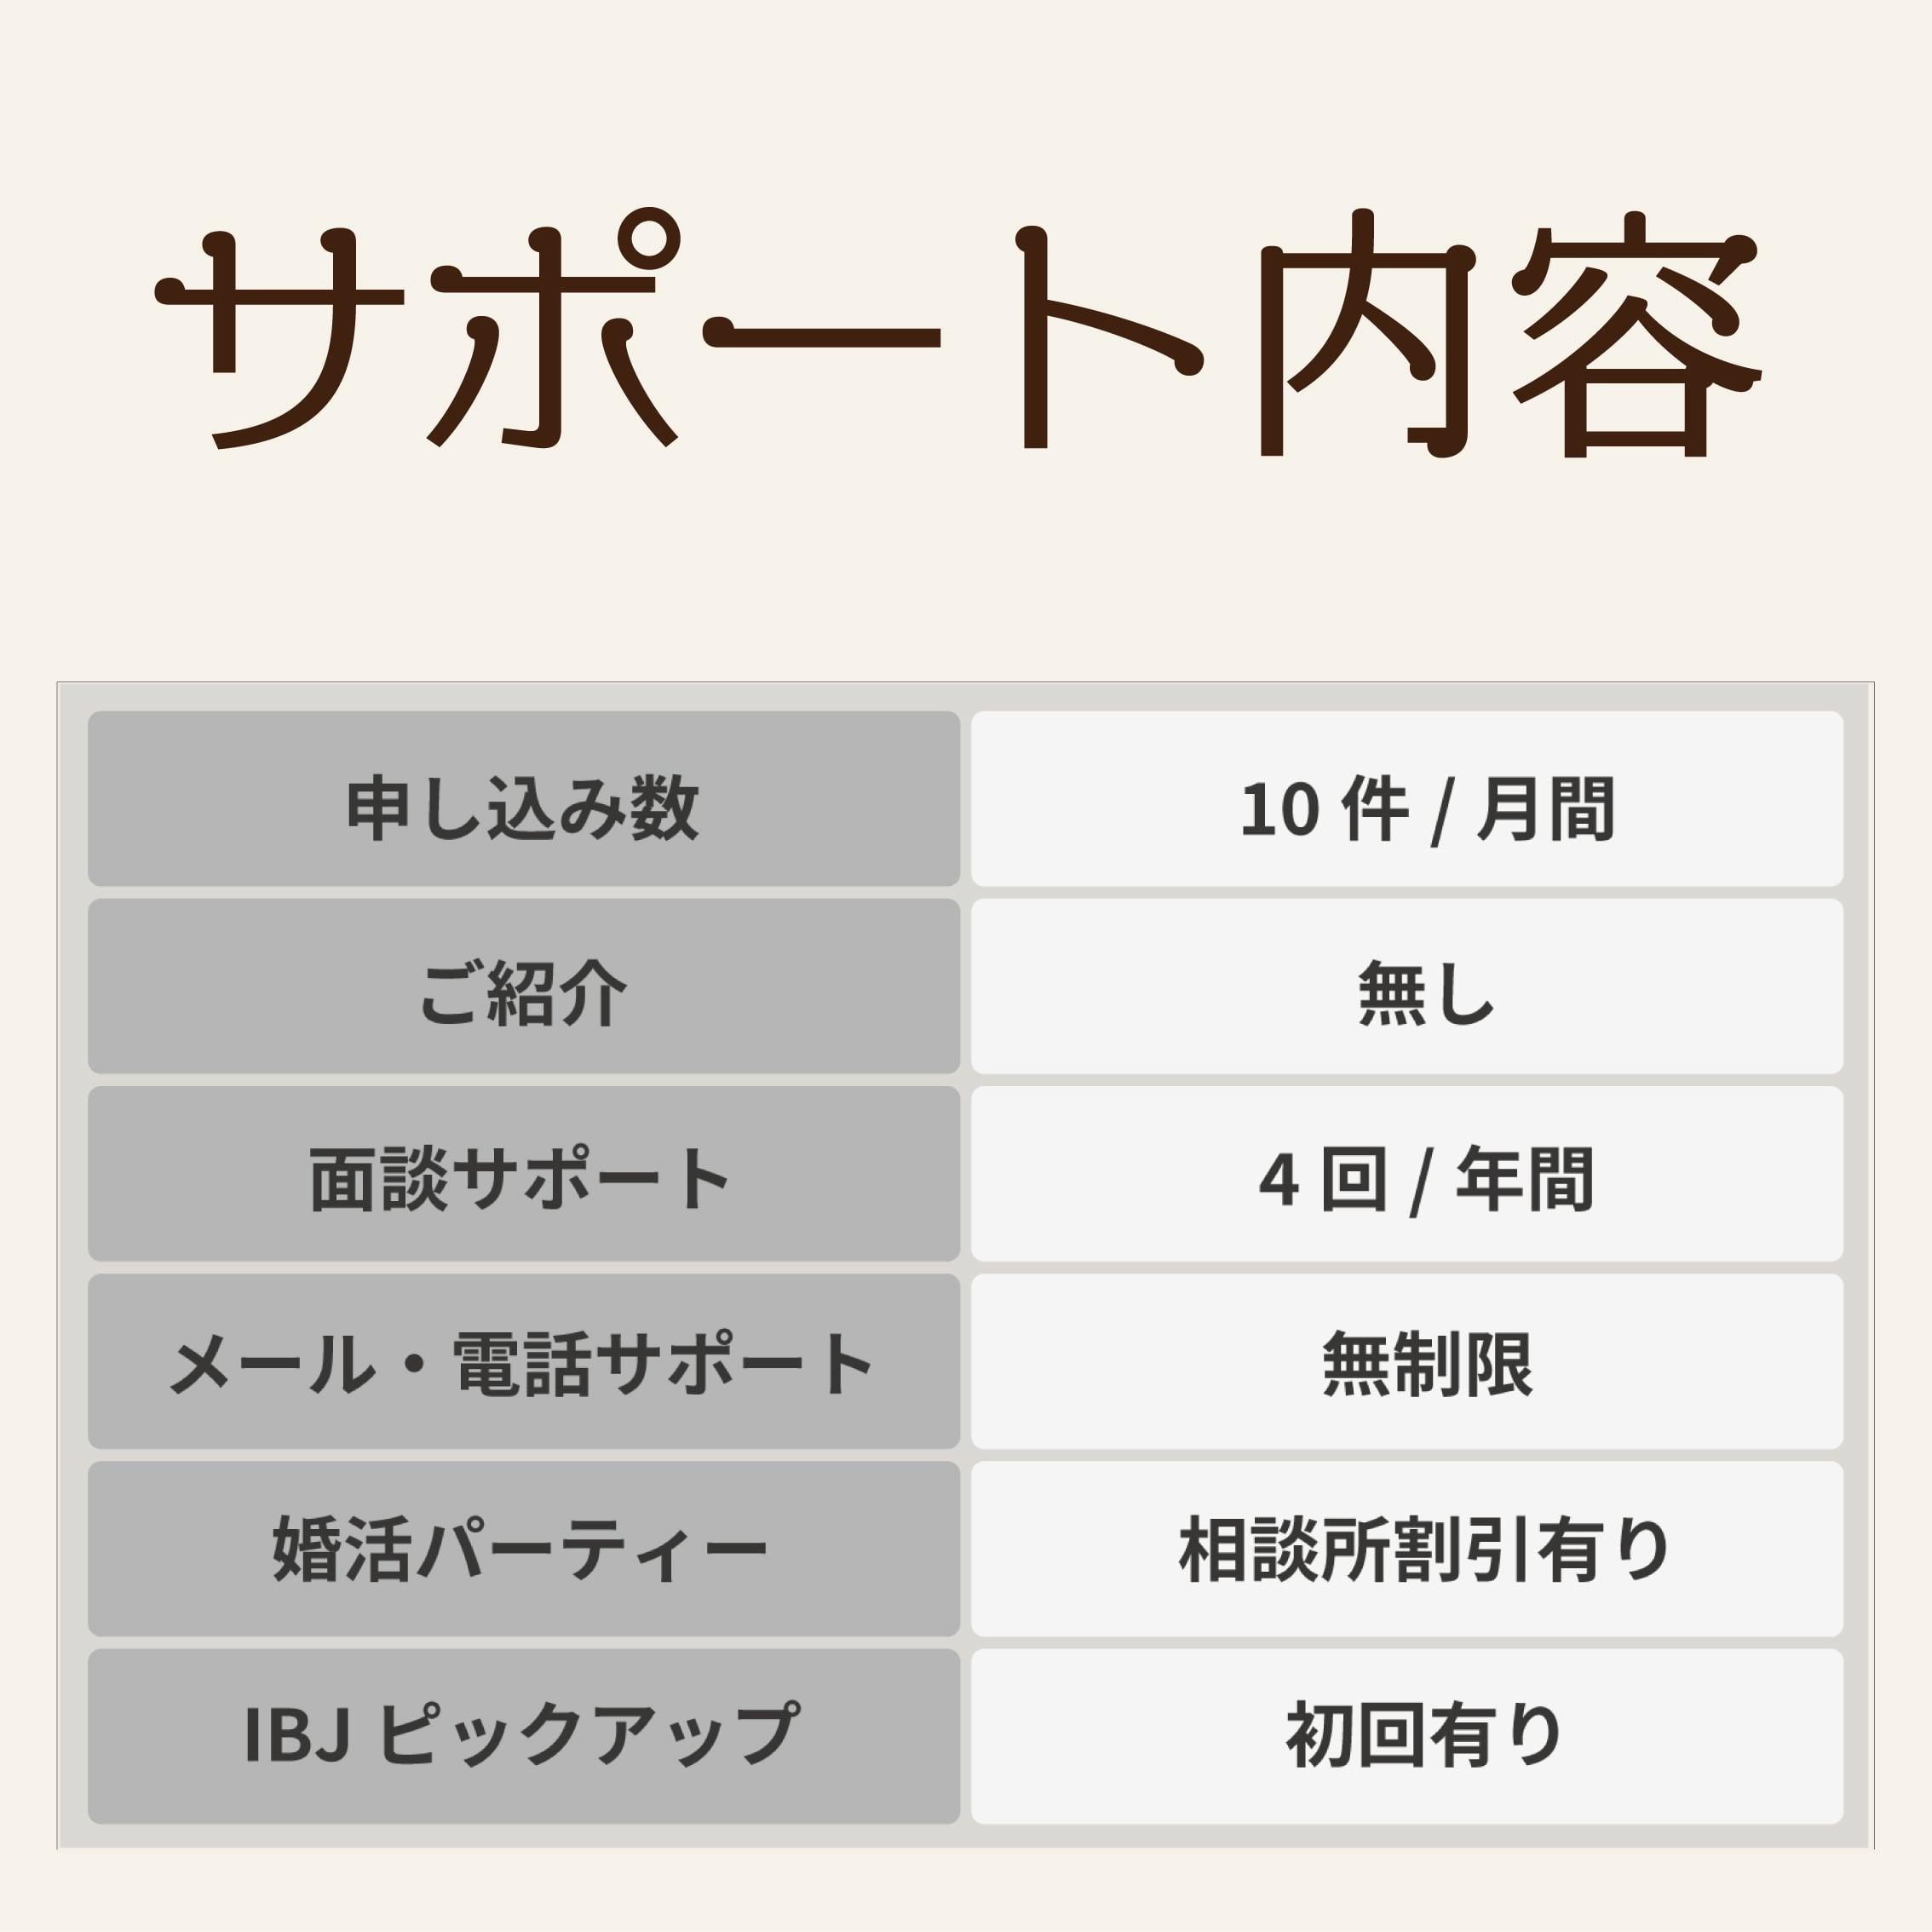 【マイペースプラン】婚活チケット 月額費用(サブスクリプション)のイメージその2